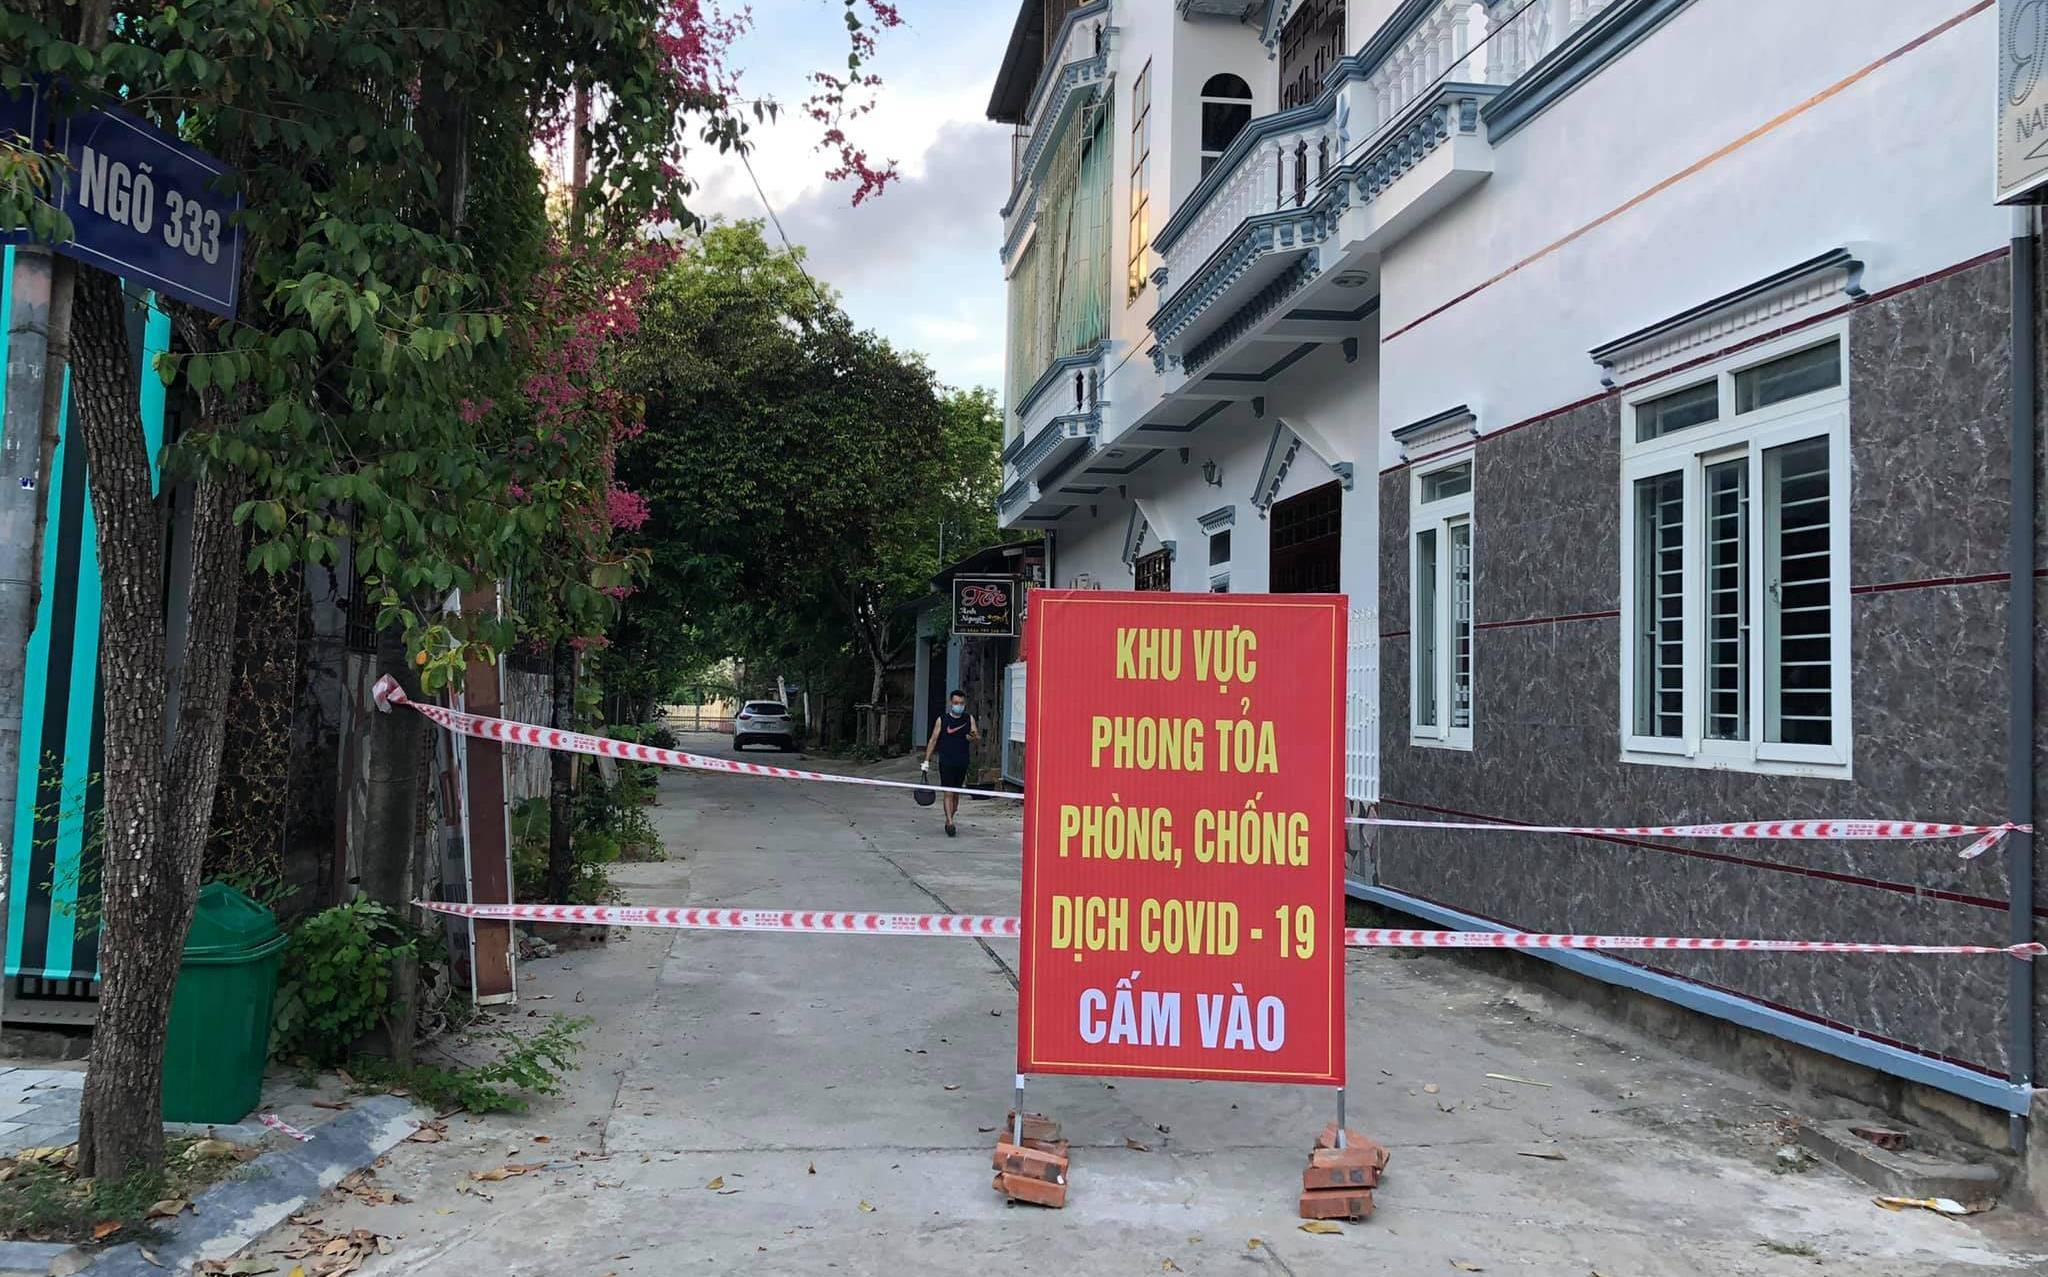 11 F0 sau đám tang, giãn cách toàn huyện 155 nghìn dân ở Thanh Hóa